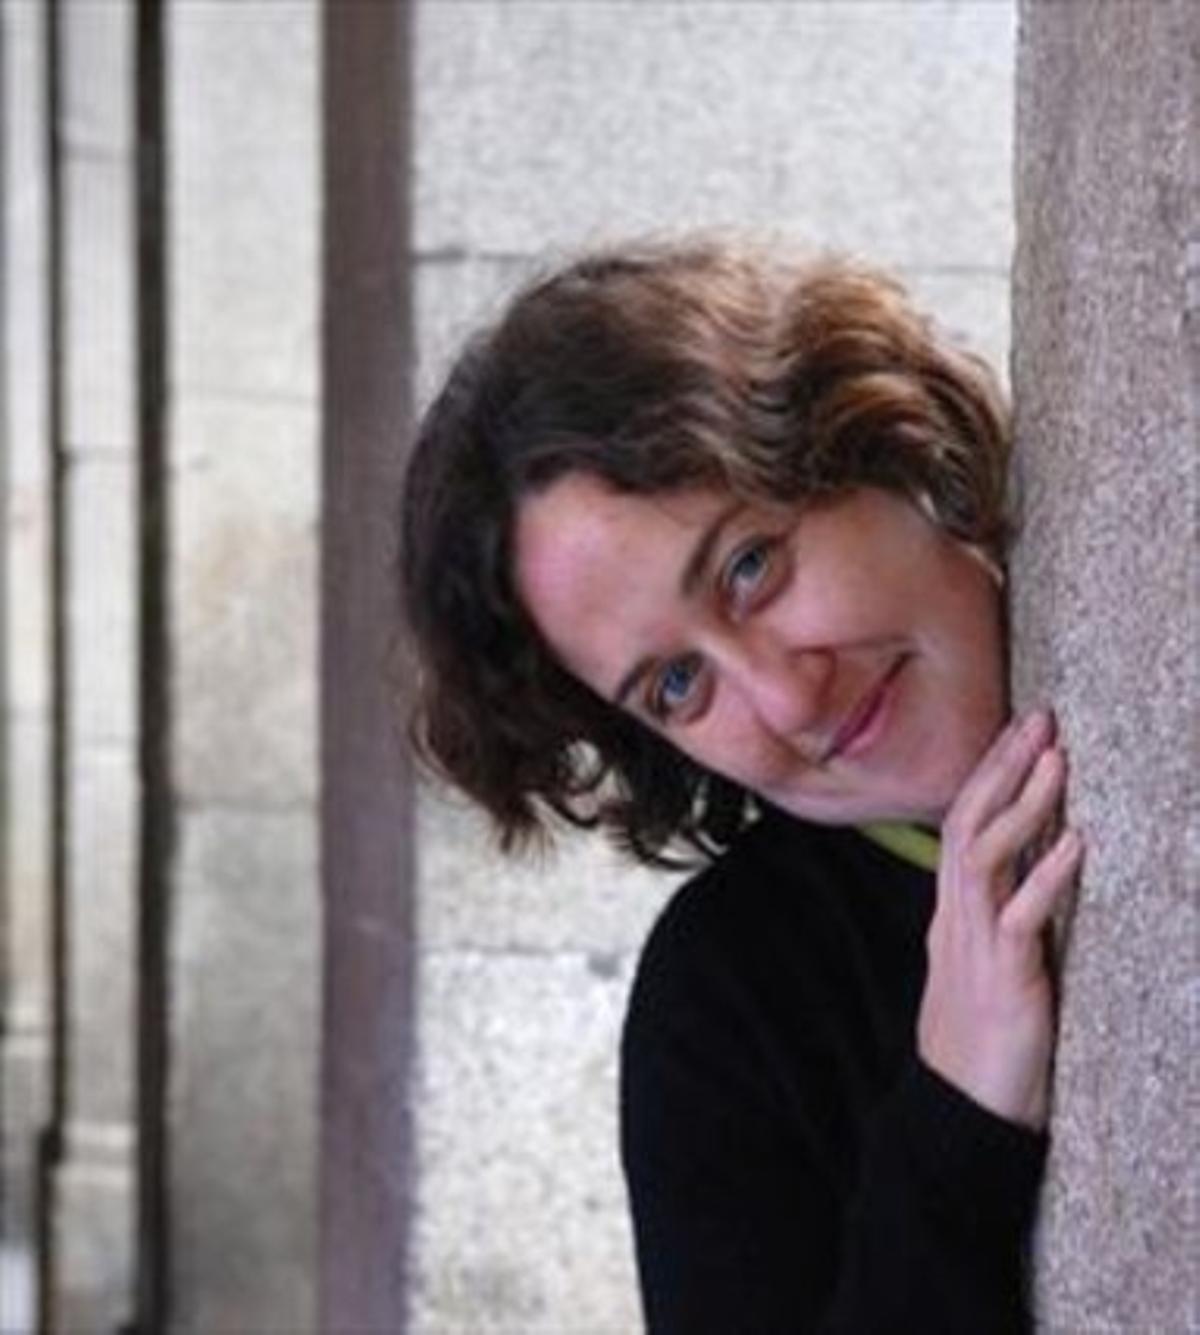 Arriba, los integrantes del grupo de narradores catalanes Vivim del Cuentu. Junto a estas líneas, la actriz, payasa y mimo gallega Paula Carballeira. Abajo, el cartel de la sexta edición del festival de narración oral Munt de Mots.